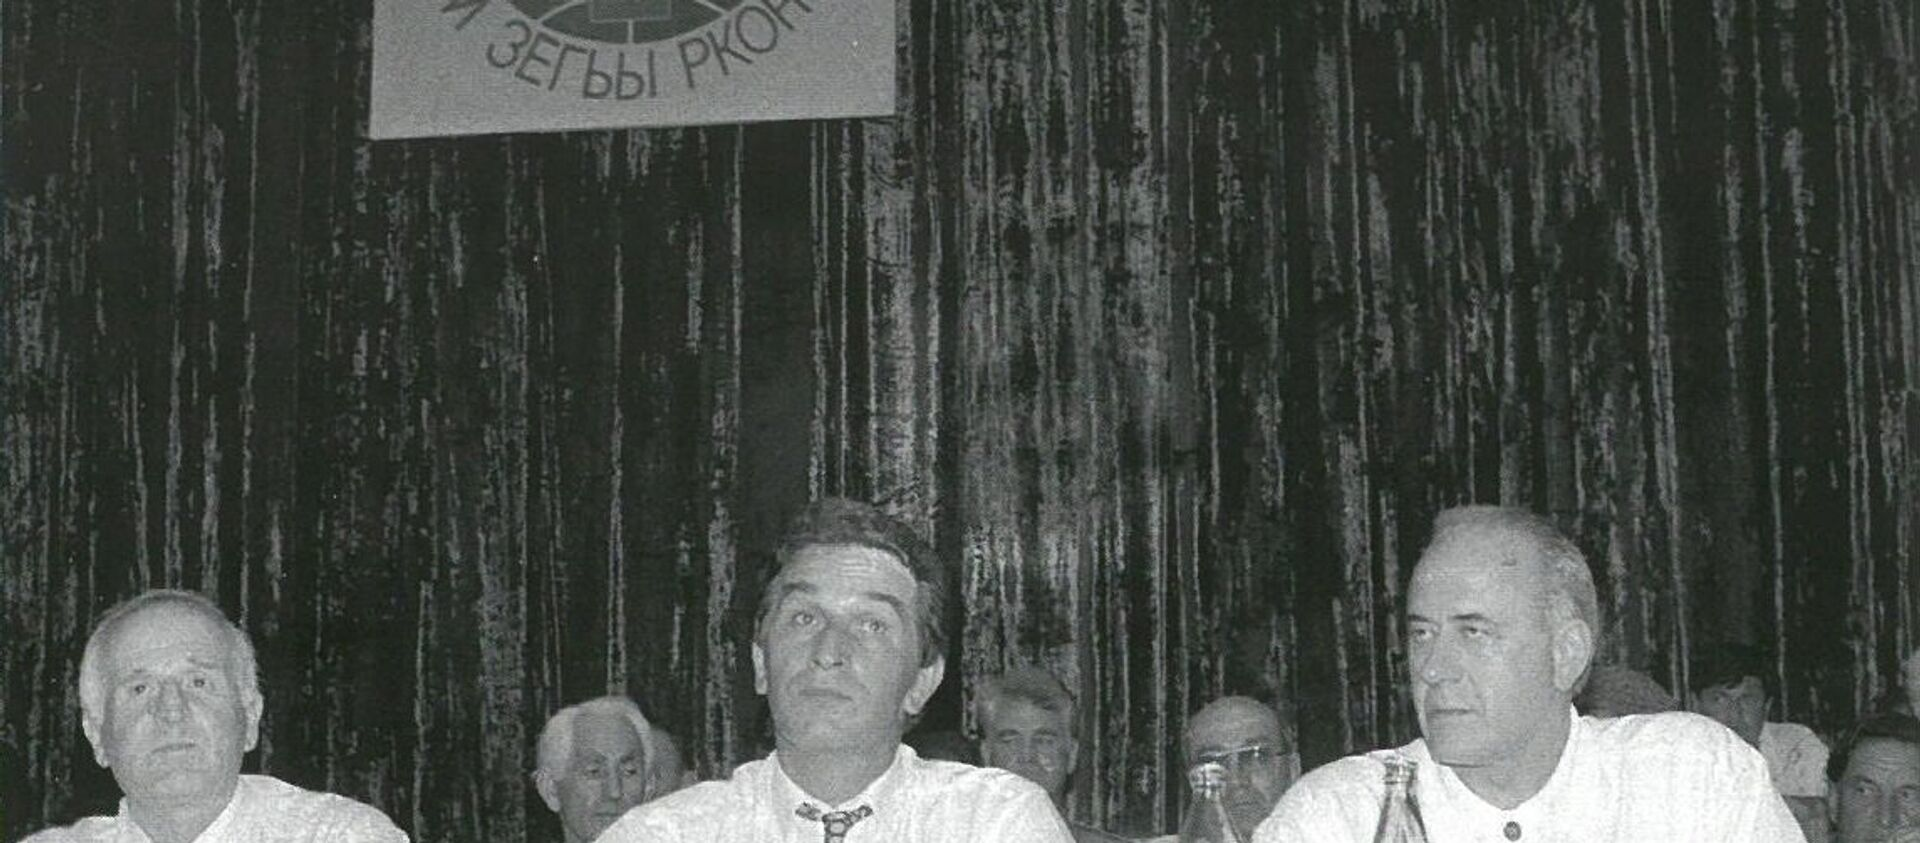 Первый Всемирный абхазо-абазинский конгресс 7-8 октября 1992 года. - Sputnik Абхазия, 1920, 06.12.2017